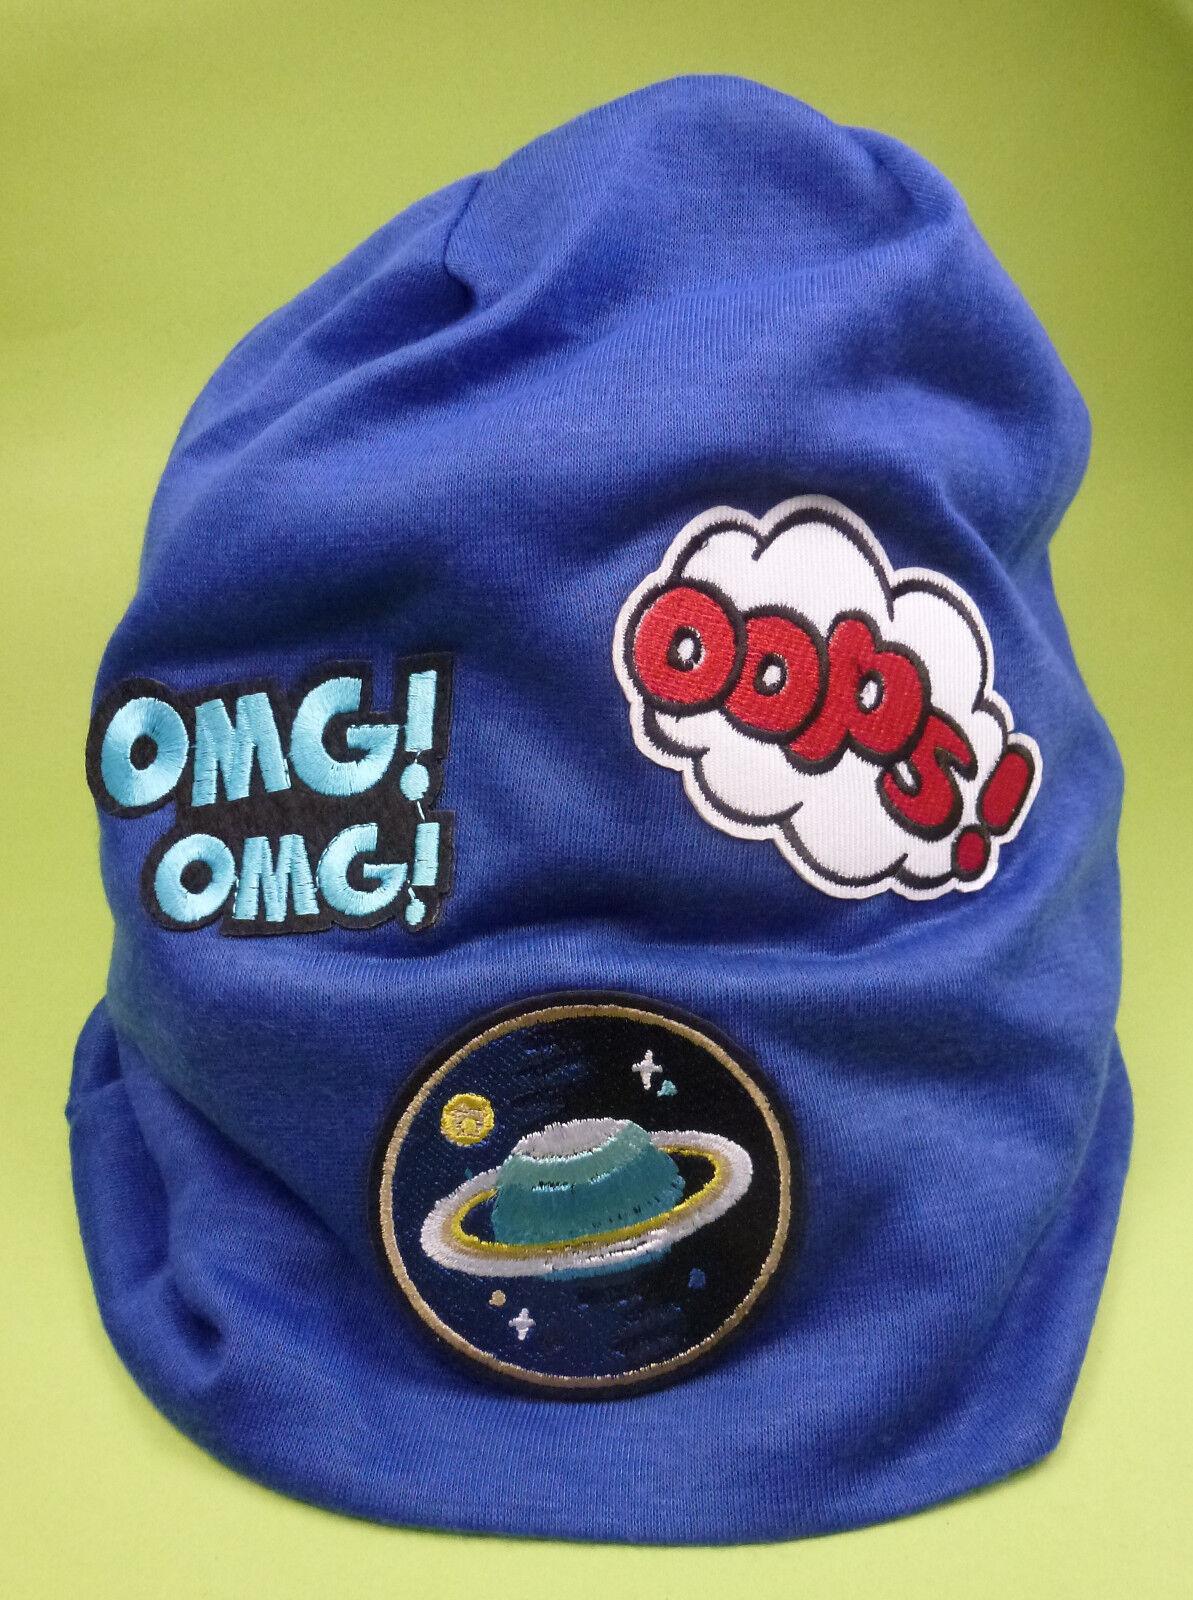 ❤️ Damen Herren Mütze Beanie Longbeanie Patches Aufnäher blau Weltall OMG - NEU